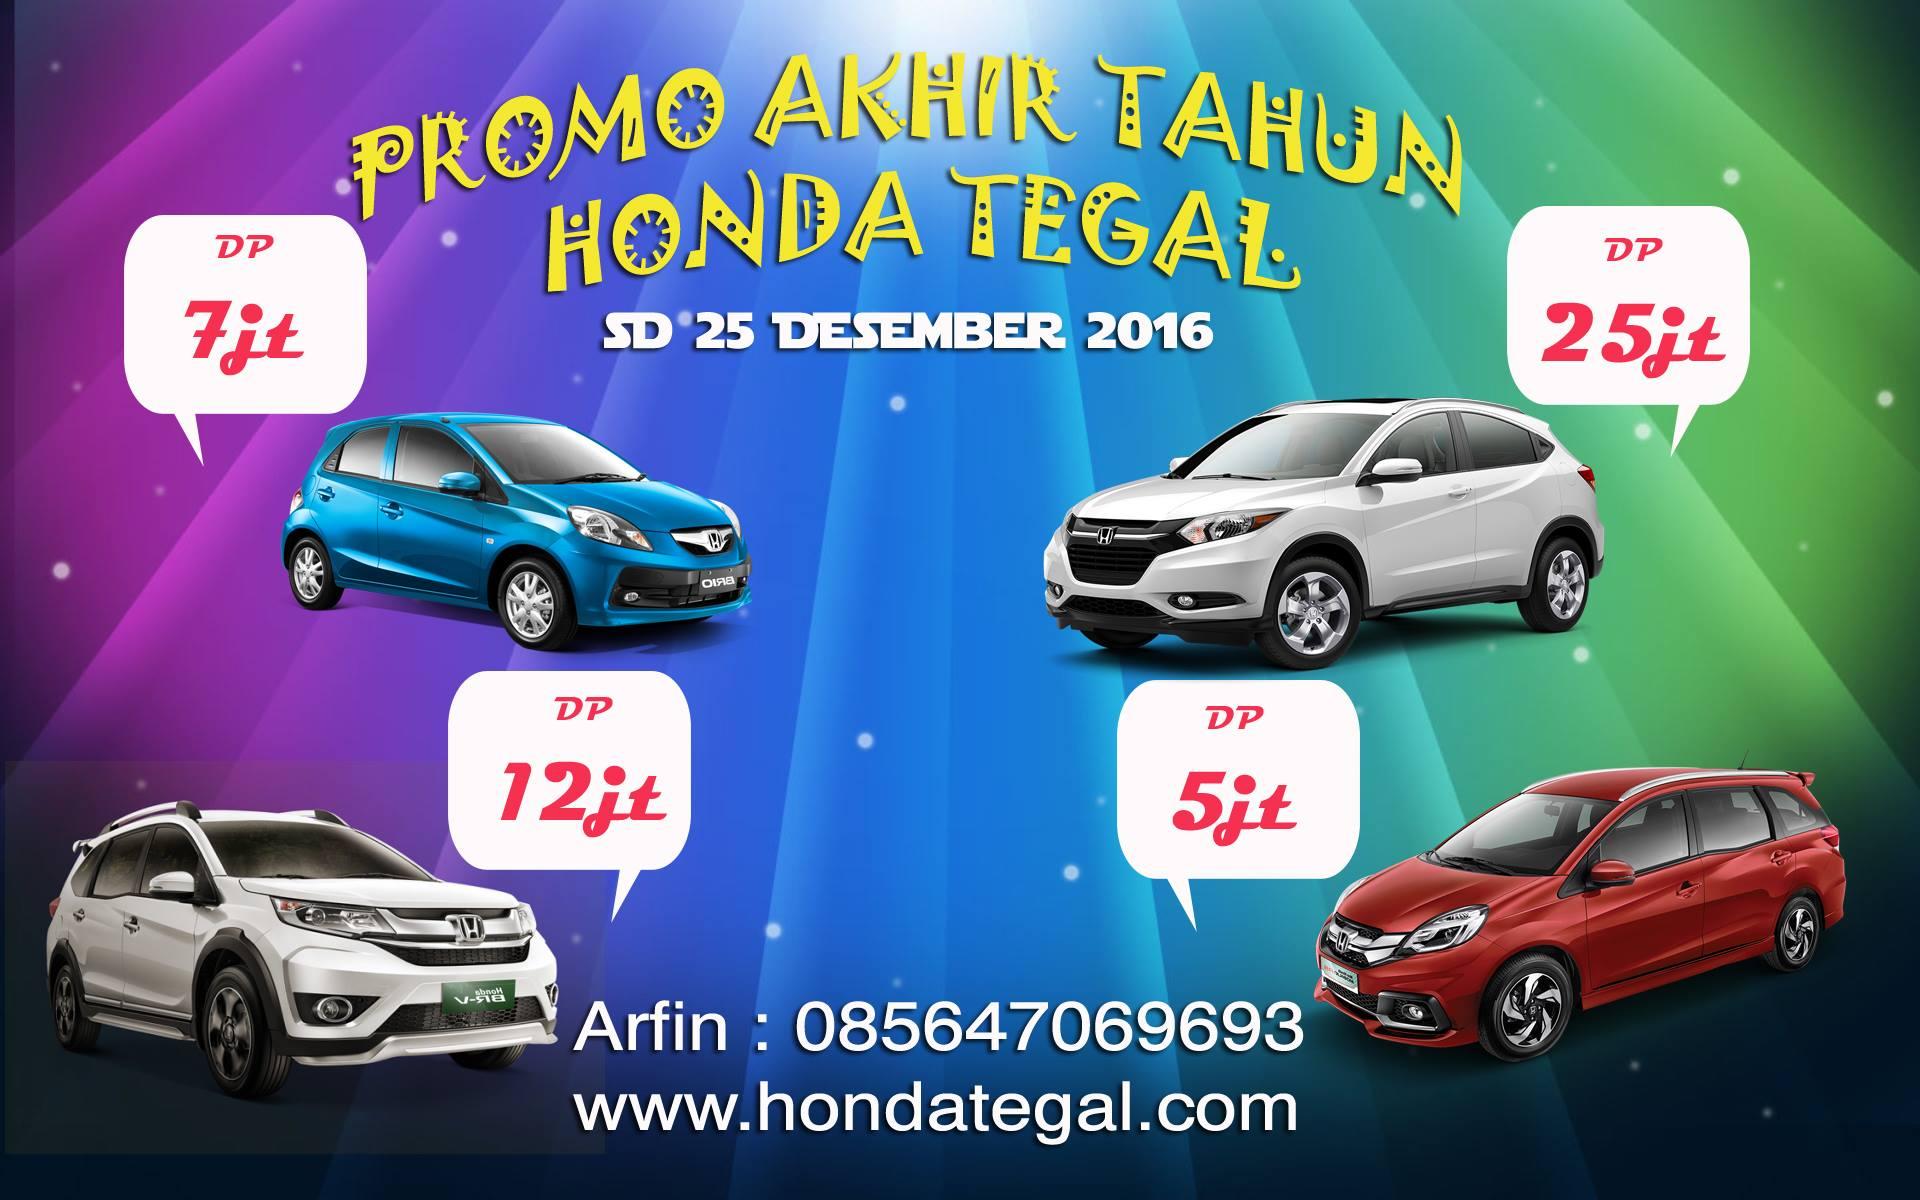 Promo Desember Honda Tegal